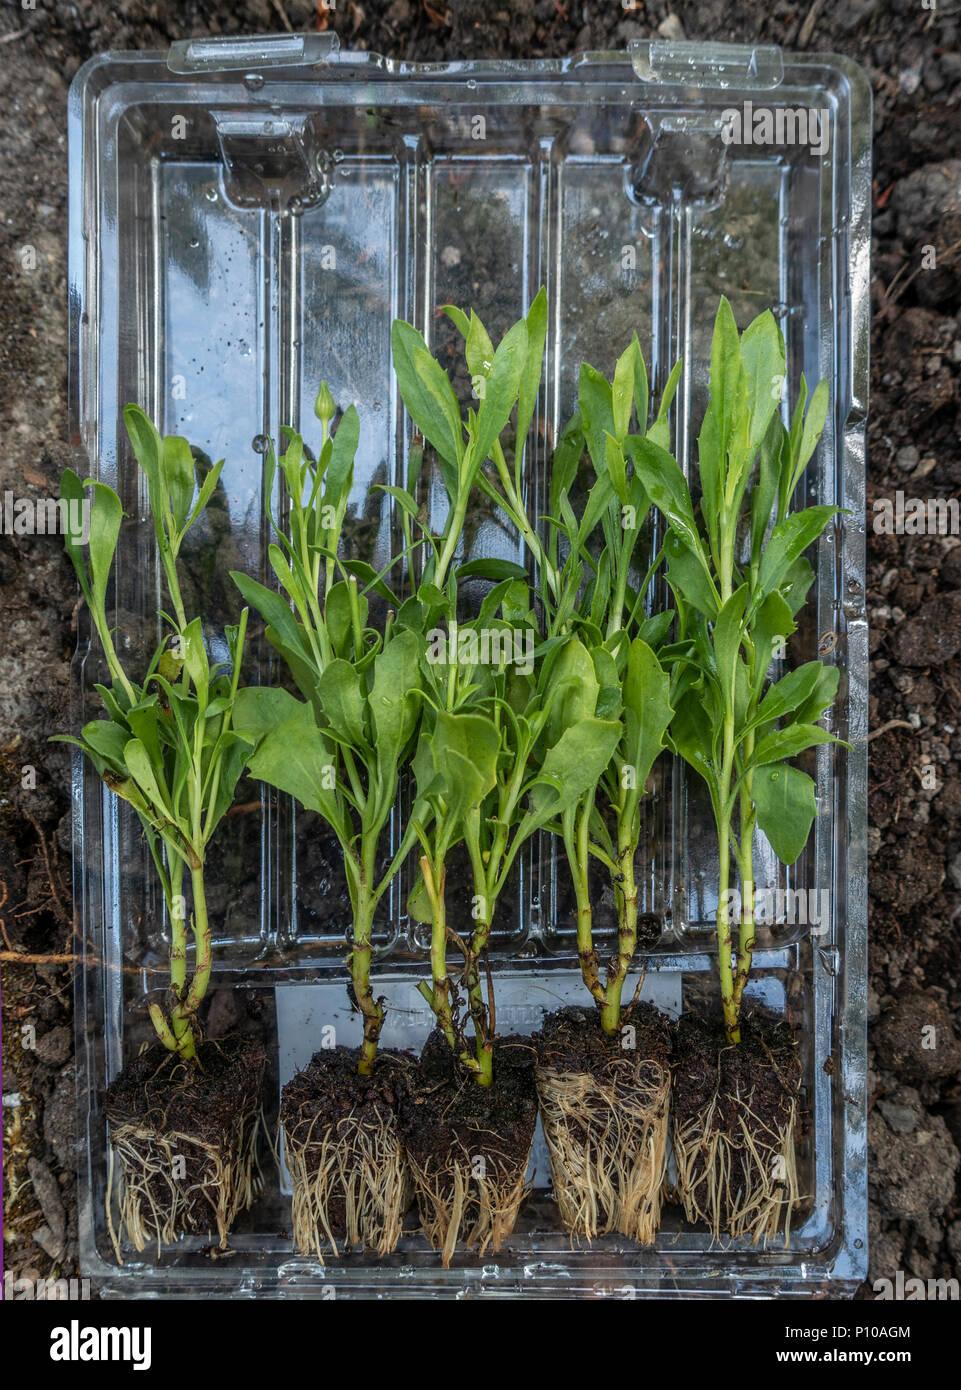 Fünf Sämlinge von Osterspermum 'Serenity' (= 'Balsered'), in seinem Post aus Kunststoff Behälter, bereit, in einem Garten gepflanzt zu werden. Stockbild